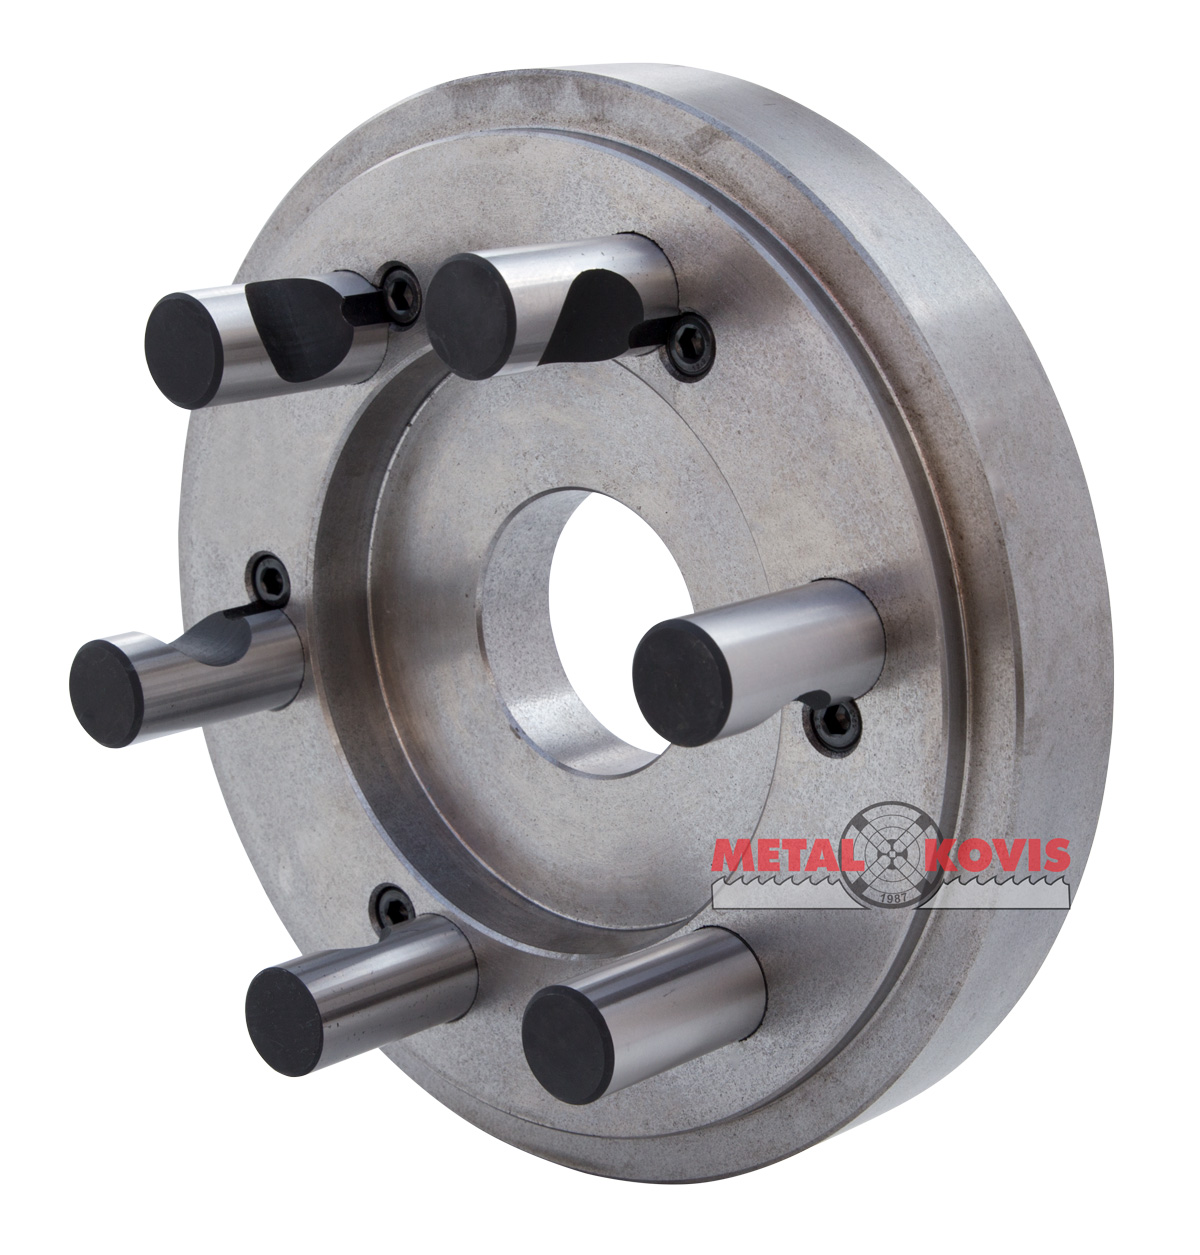 Prirubnica D1-6, 200 mm, DIN55029